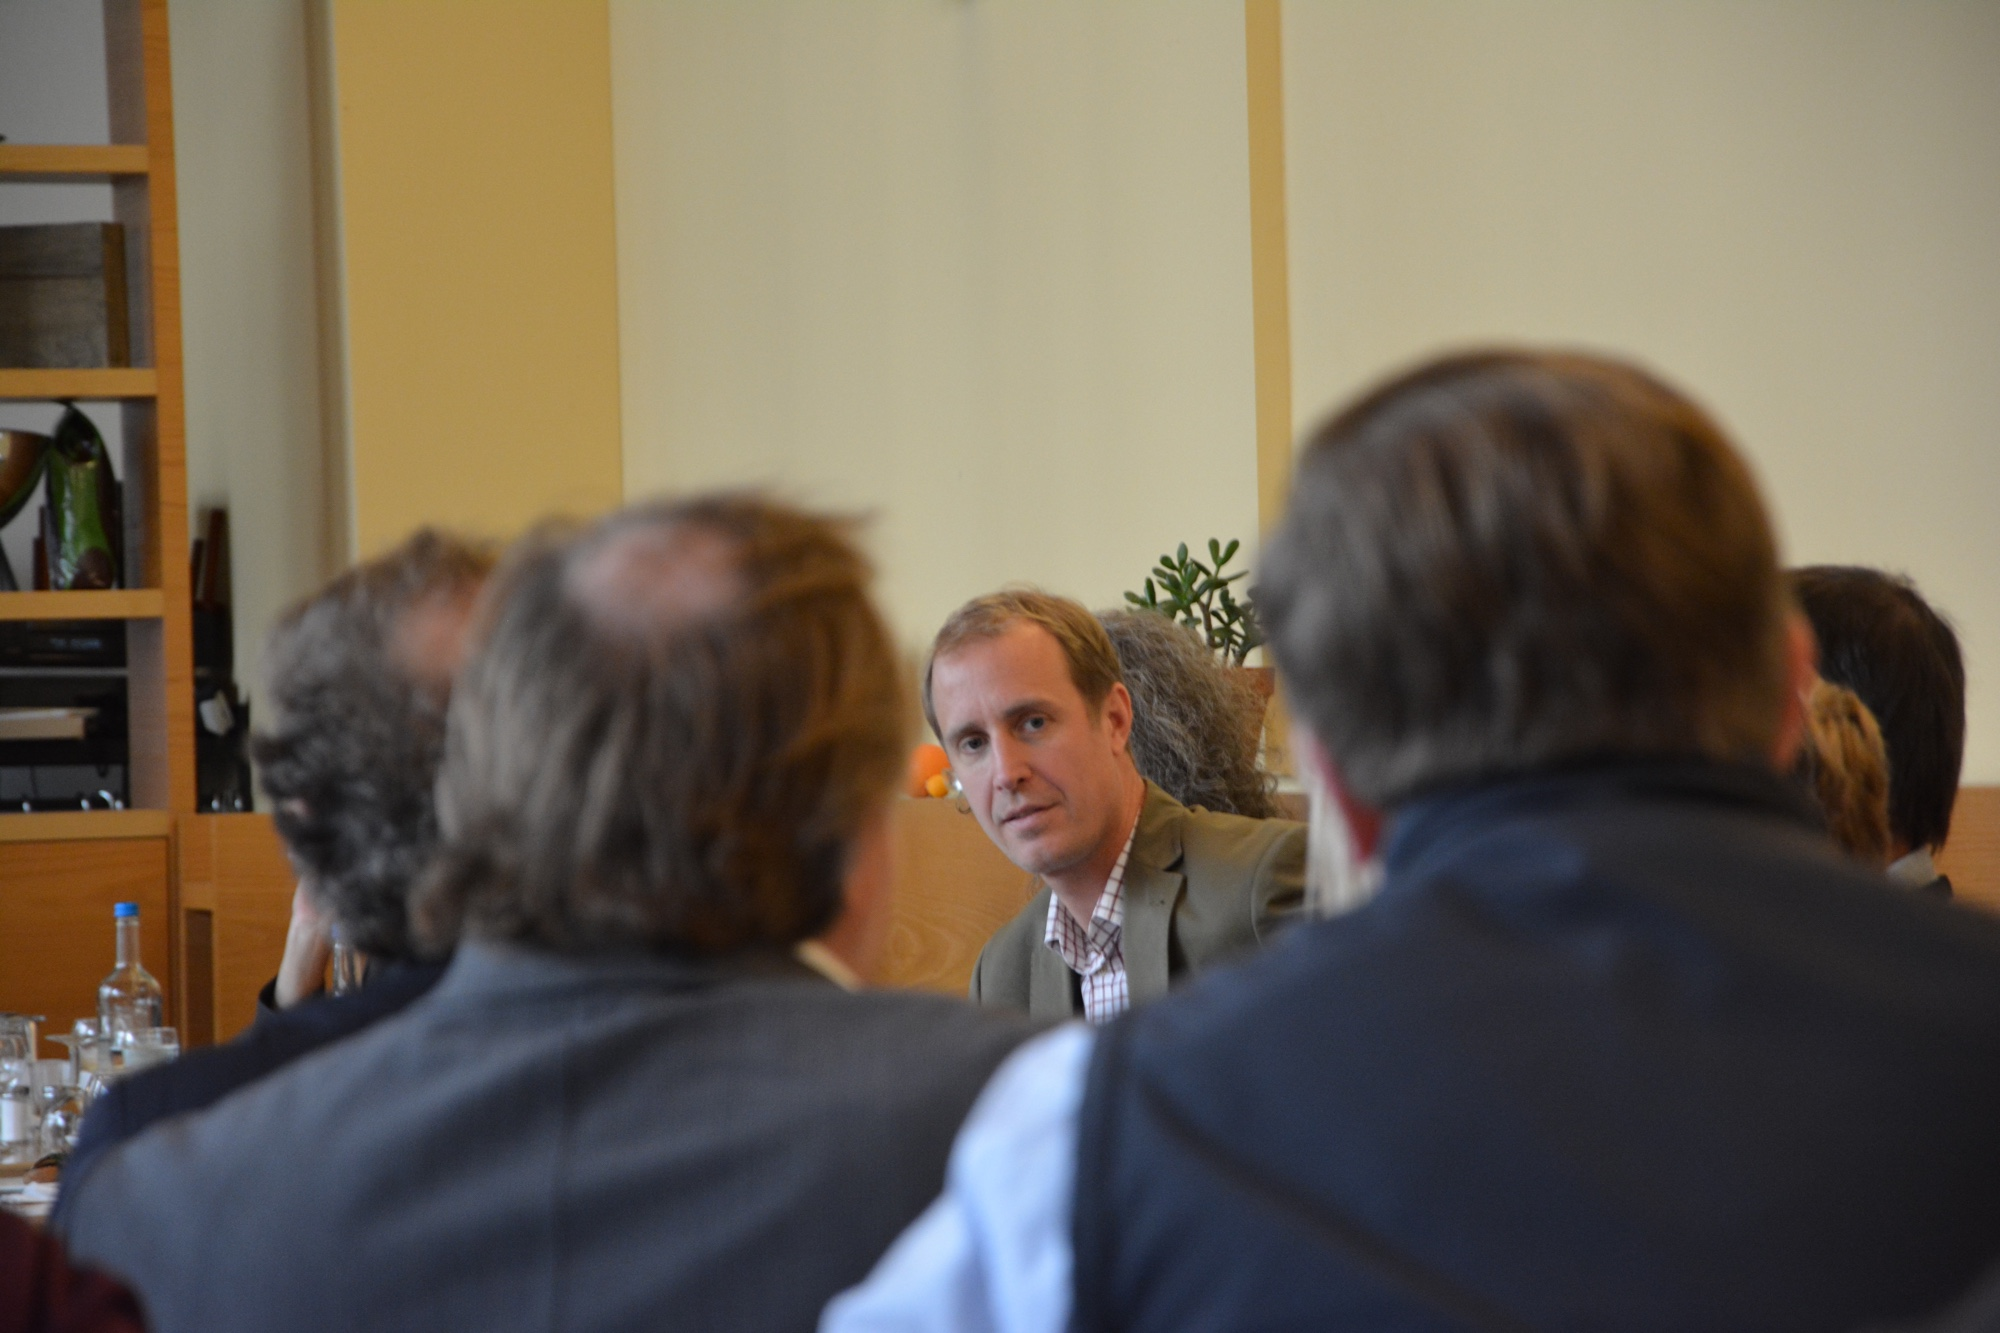 Innenarchitekten D Sseldorf innenarchitekten arbeitsmarkt bau 17 forum a4 architektur und industrie im dialog kasel